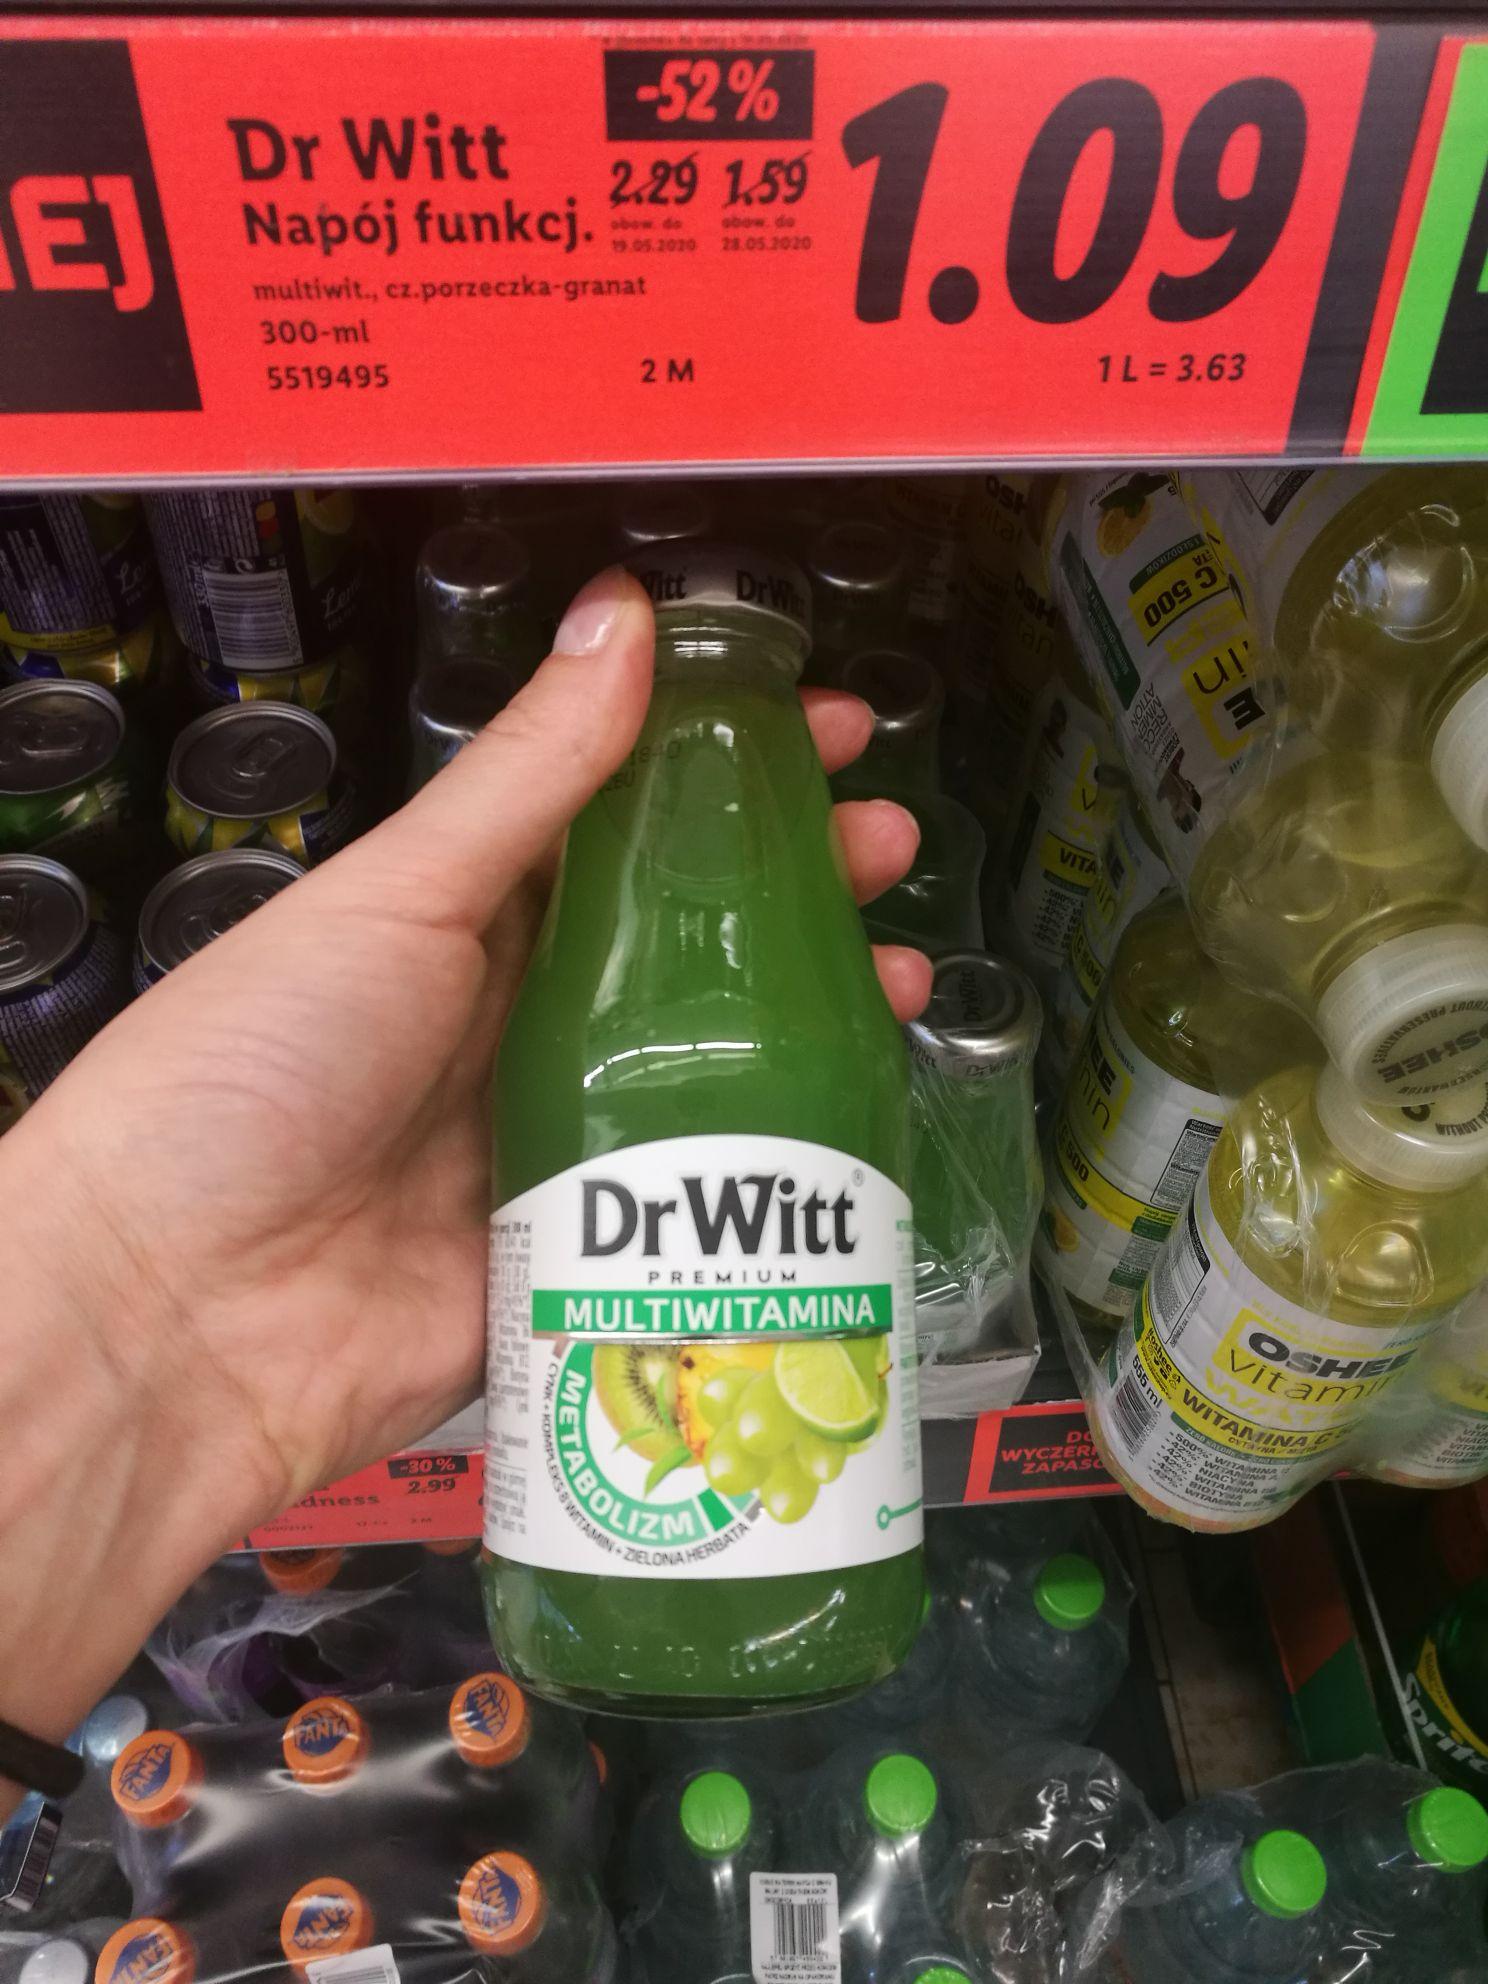 Dr. Witt metabolizm @ LIDL